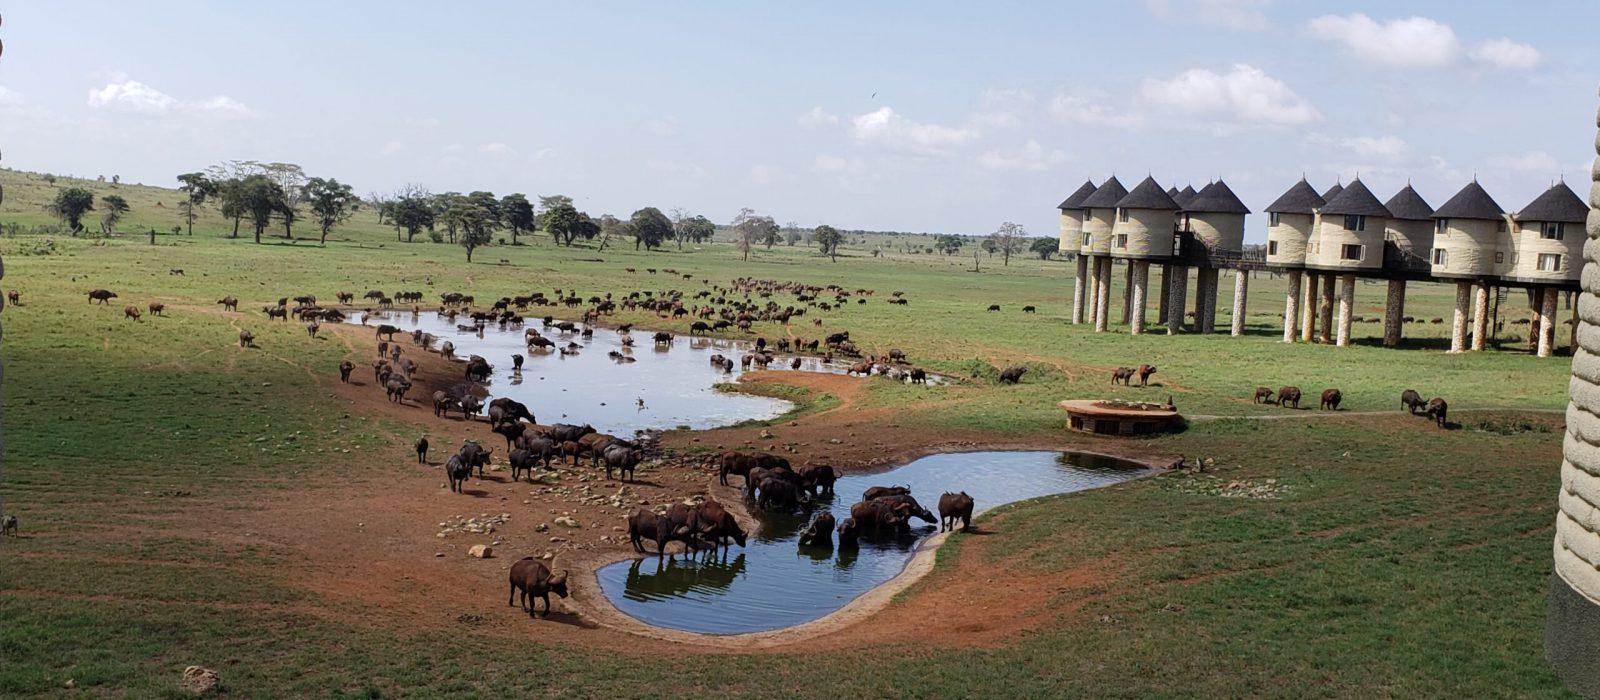 3-Days TaitaHills and Amboseli